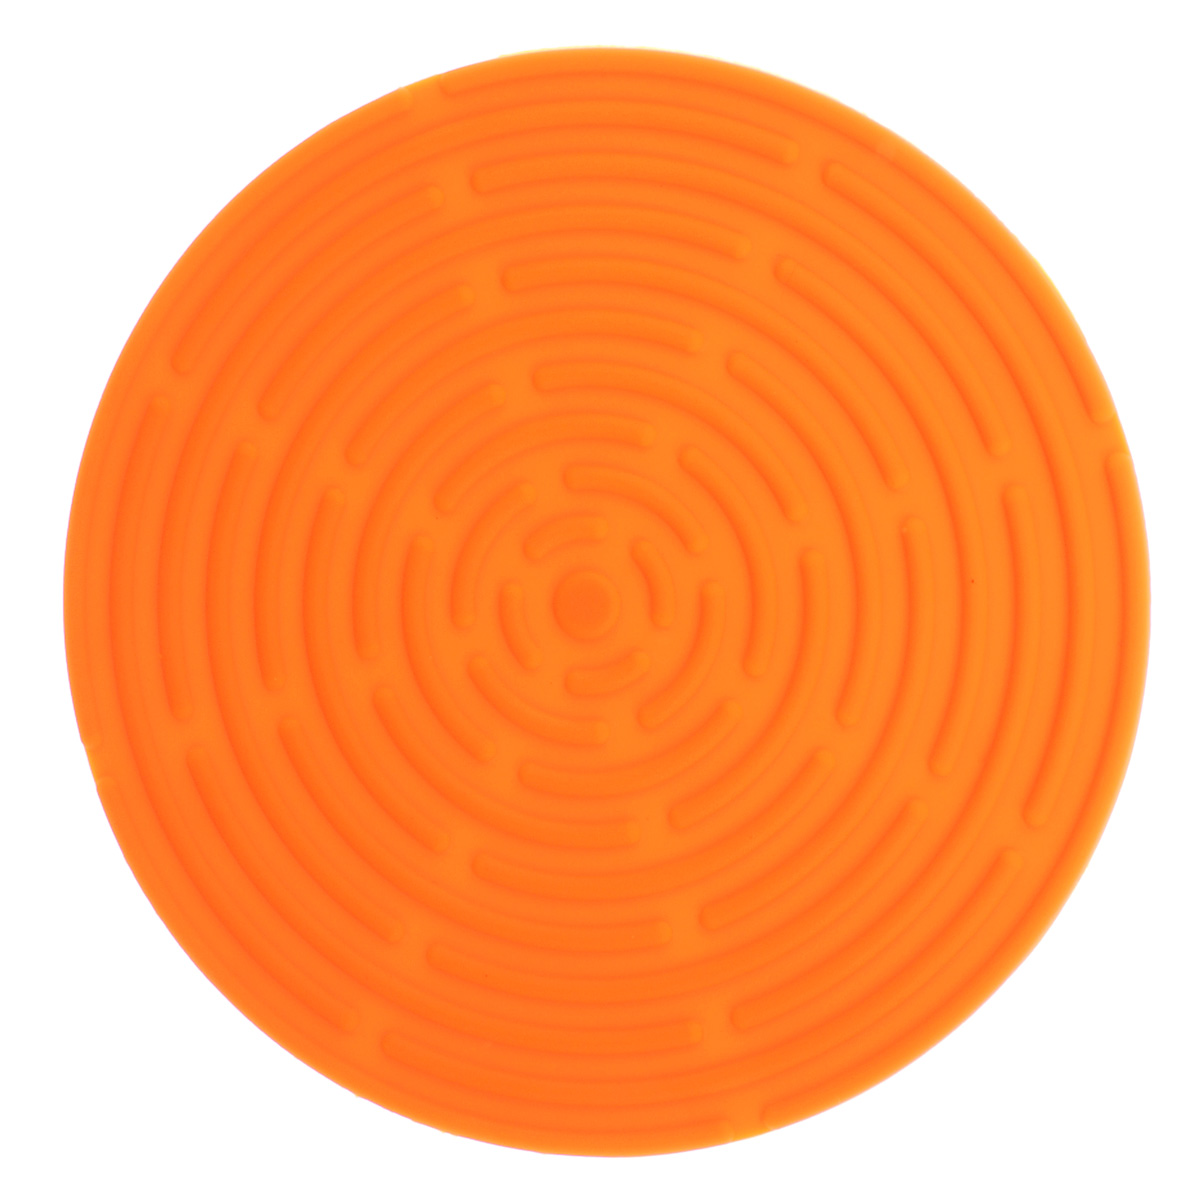 Подставка под горячее Atlantis, цвет: оранжевый, диаметр 15 см23516Круглая подставка под горячее Atlantis изготовлена из высококачественного пищевого силикона. Выдерживает температуру до +230°С, не впитывает запахи и предохраняет поверхность вашего стола от высоких температур. Оригинальный дизайн внесет свежесть и новизну в интерьер кухни. Подставка под горячее станет незаменимым помощником на кухне. Легко моется в посудомоечной машине.